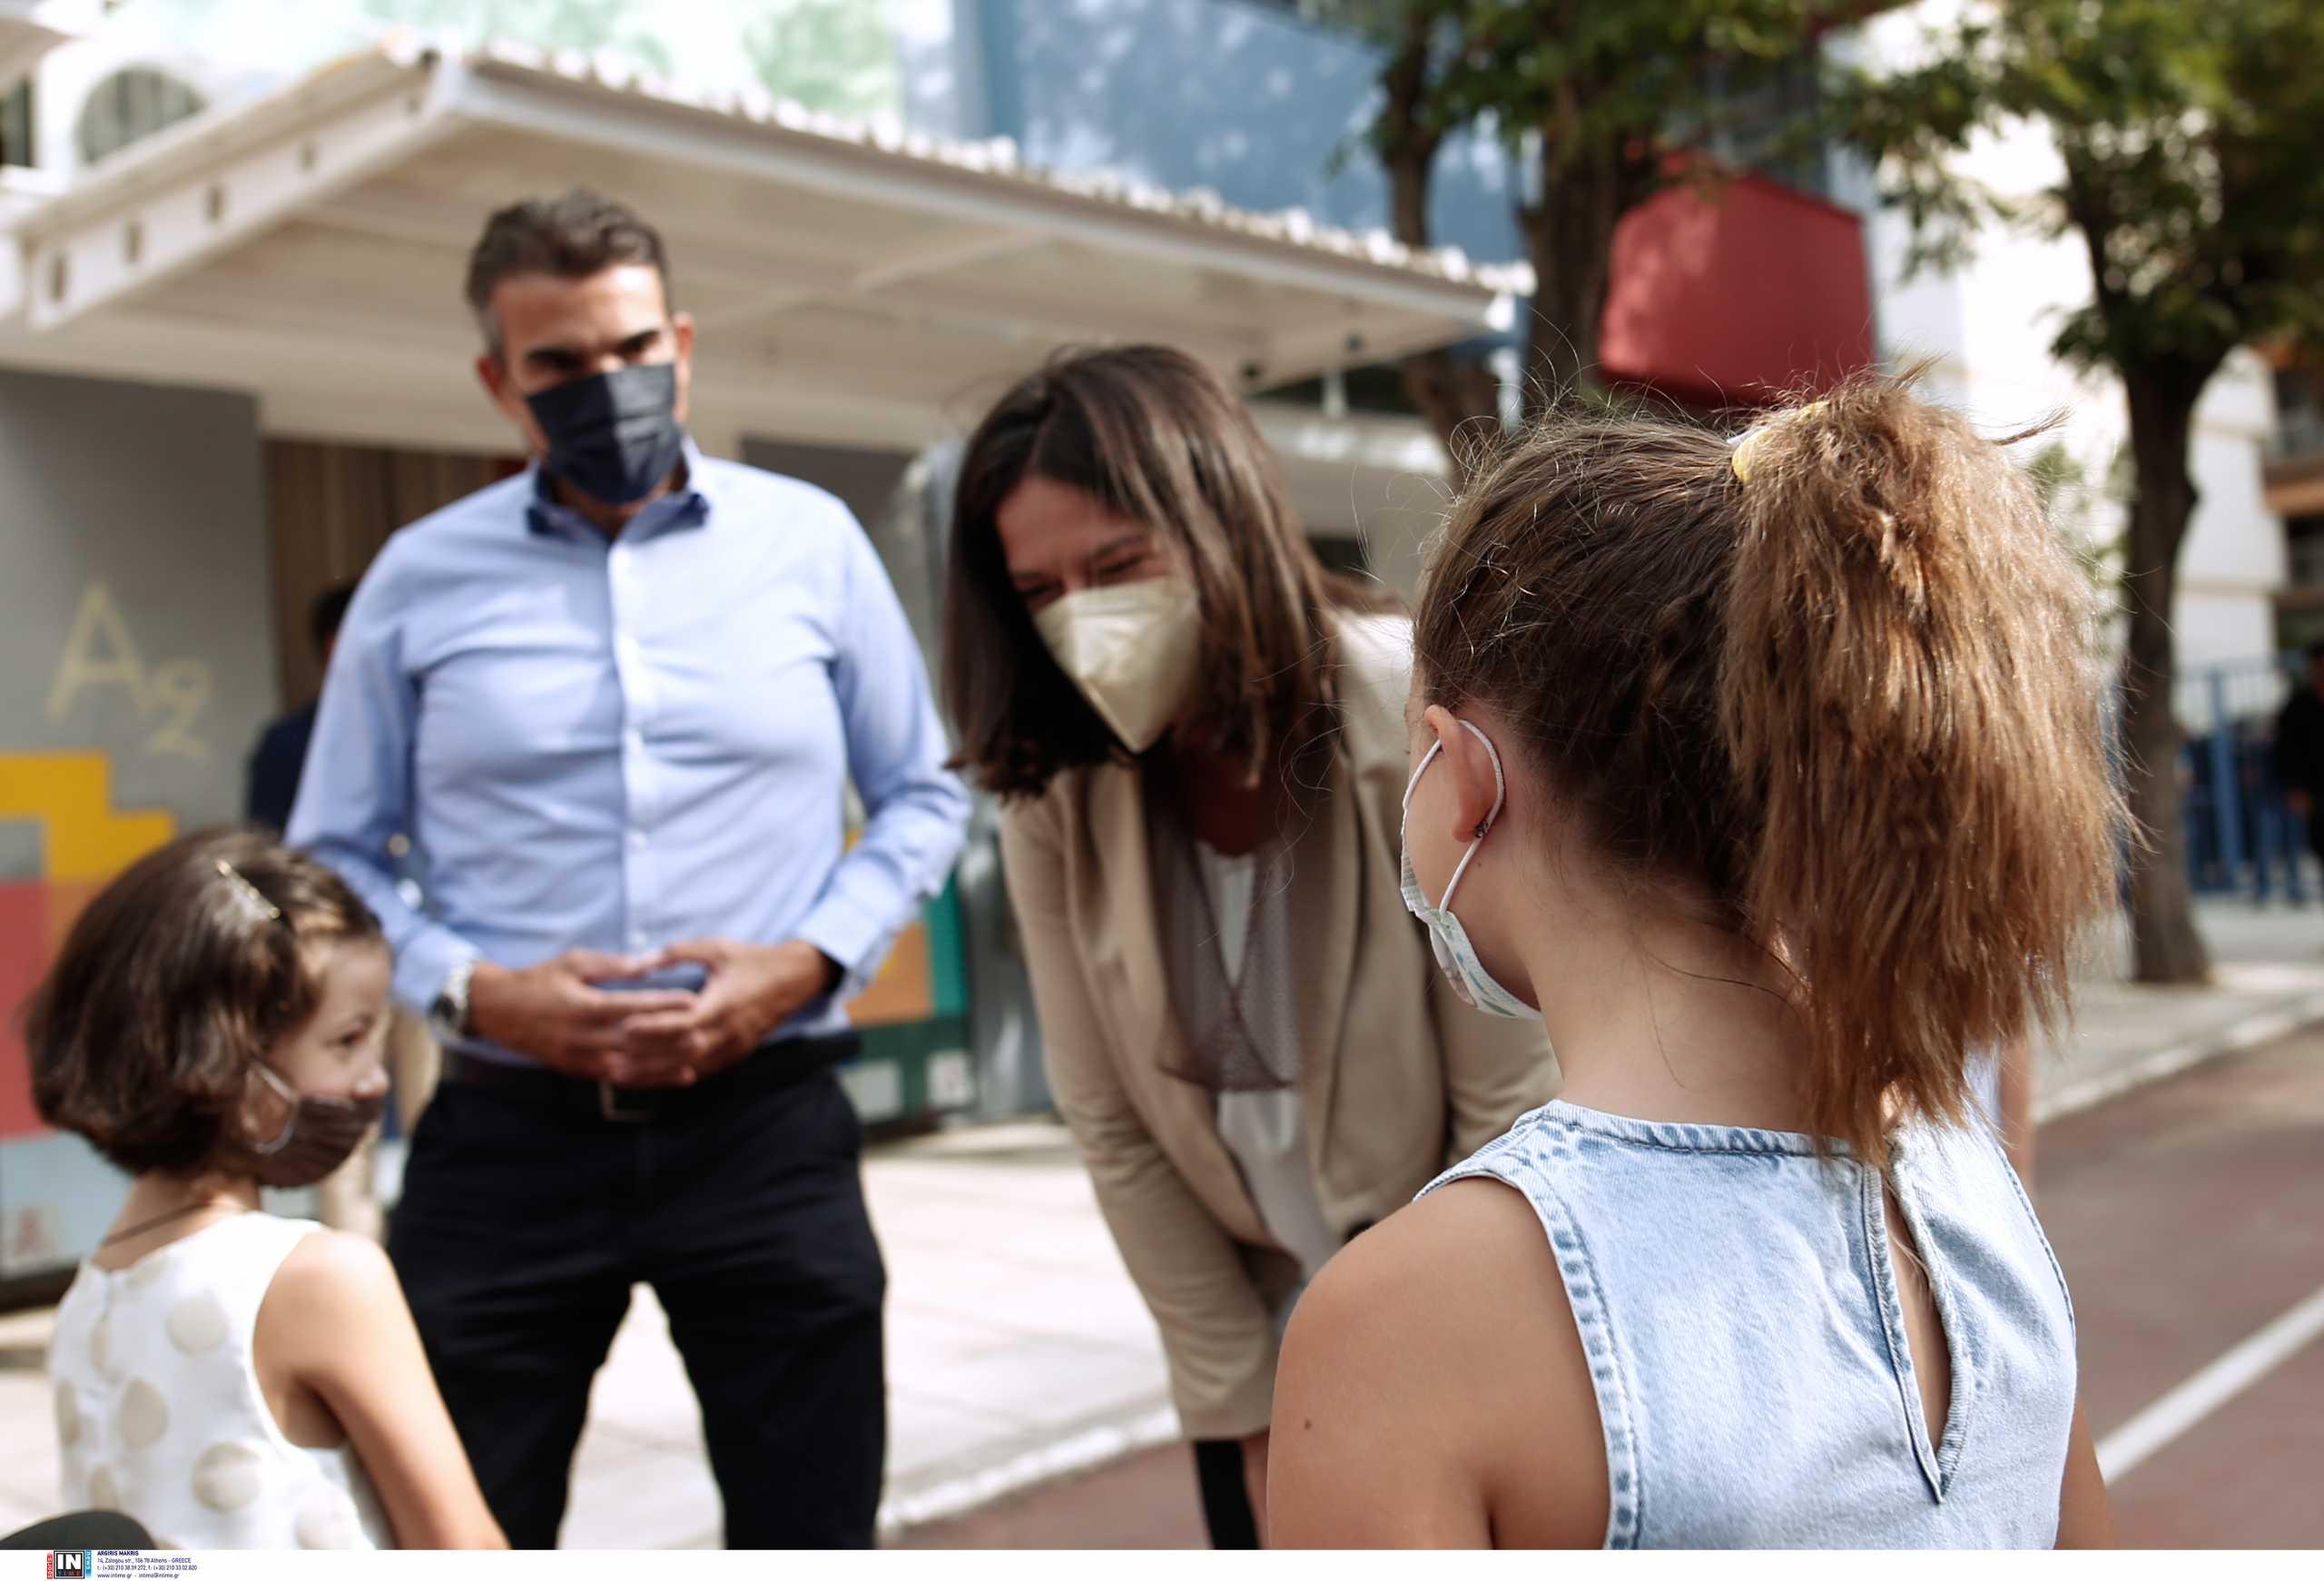 Θεσσαλονίκη: Αμηχανία μπροστά στις κάμερες και τη Νίκη Κεραμέως – Δείτε τα επίμαχα στιγμιότυπα